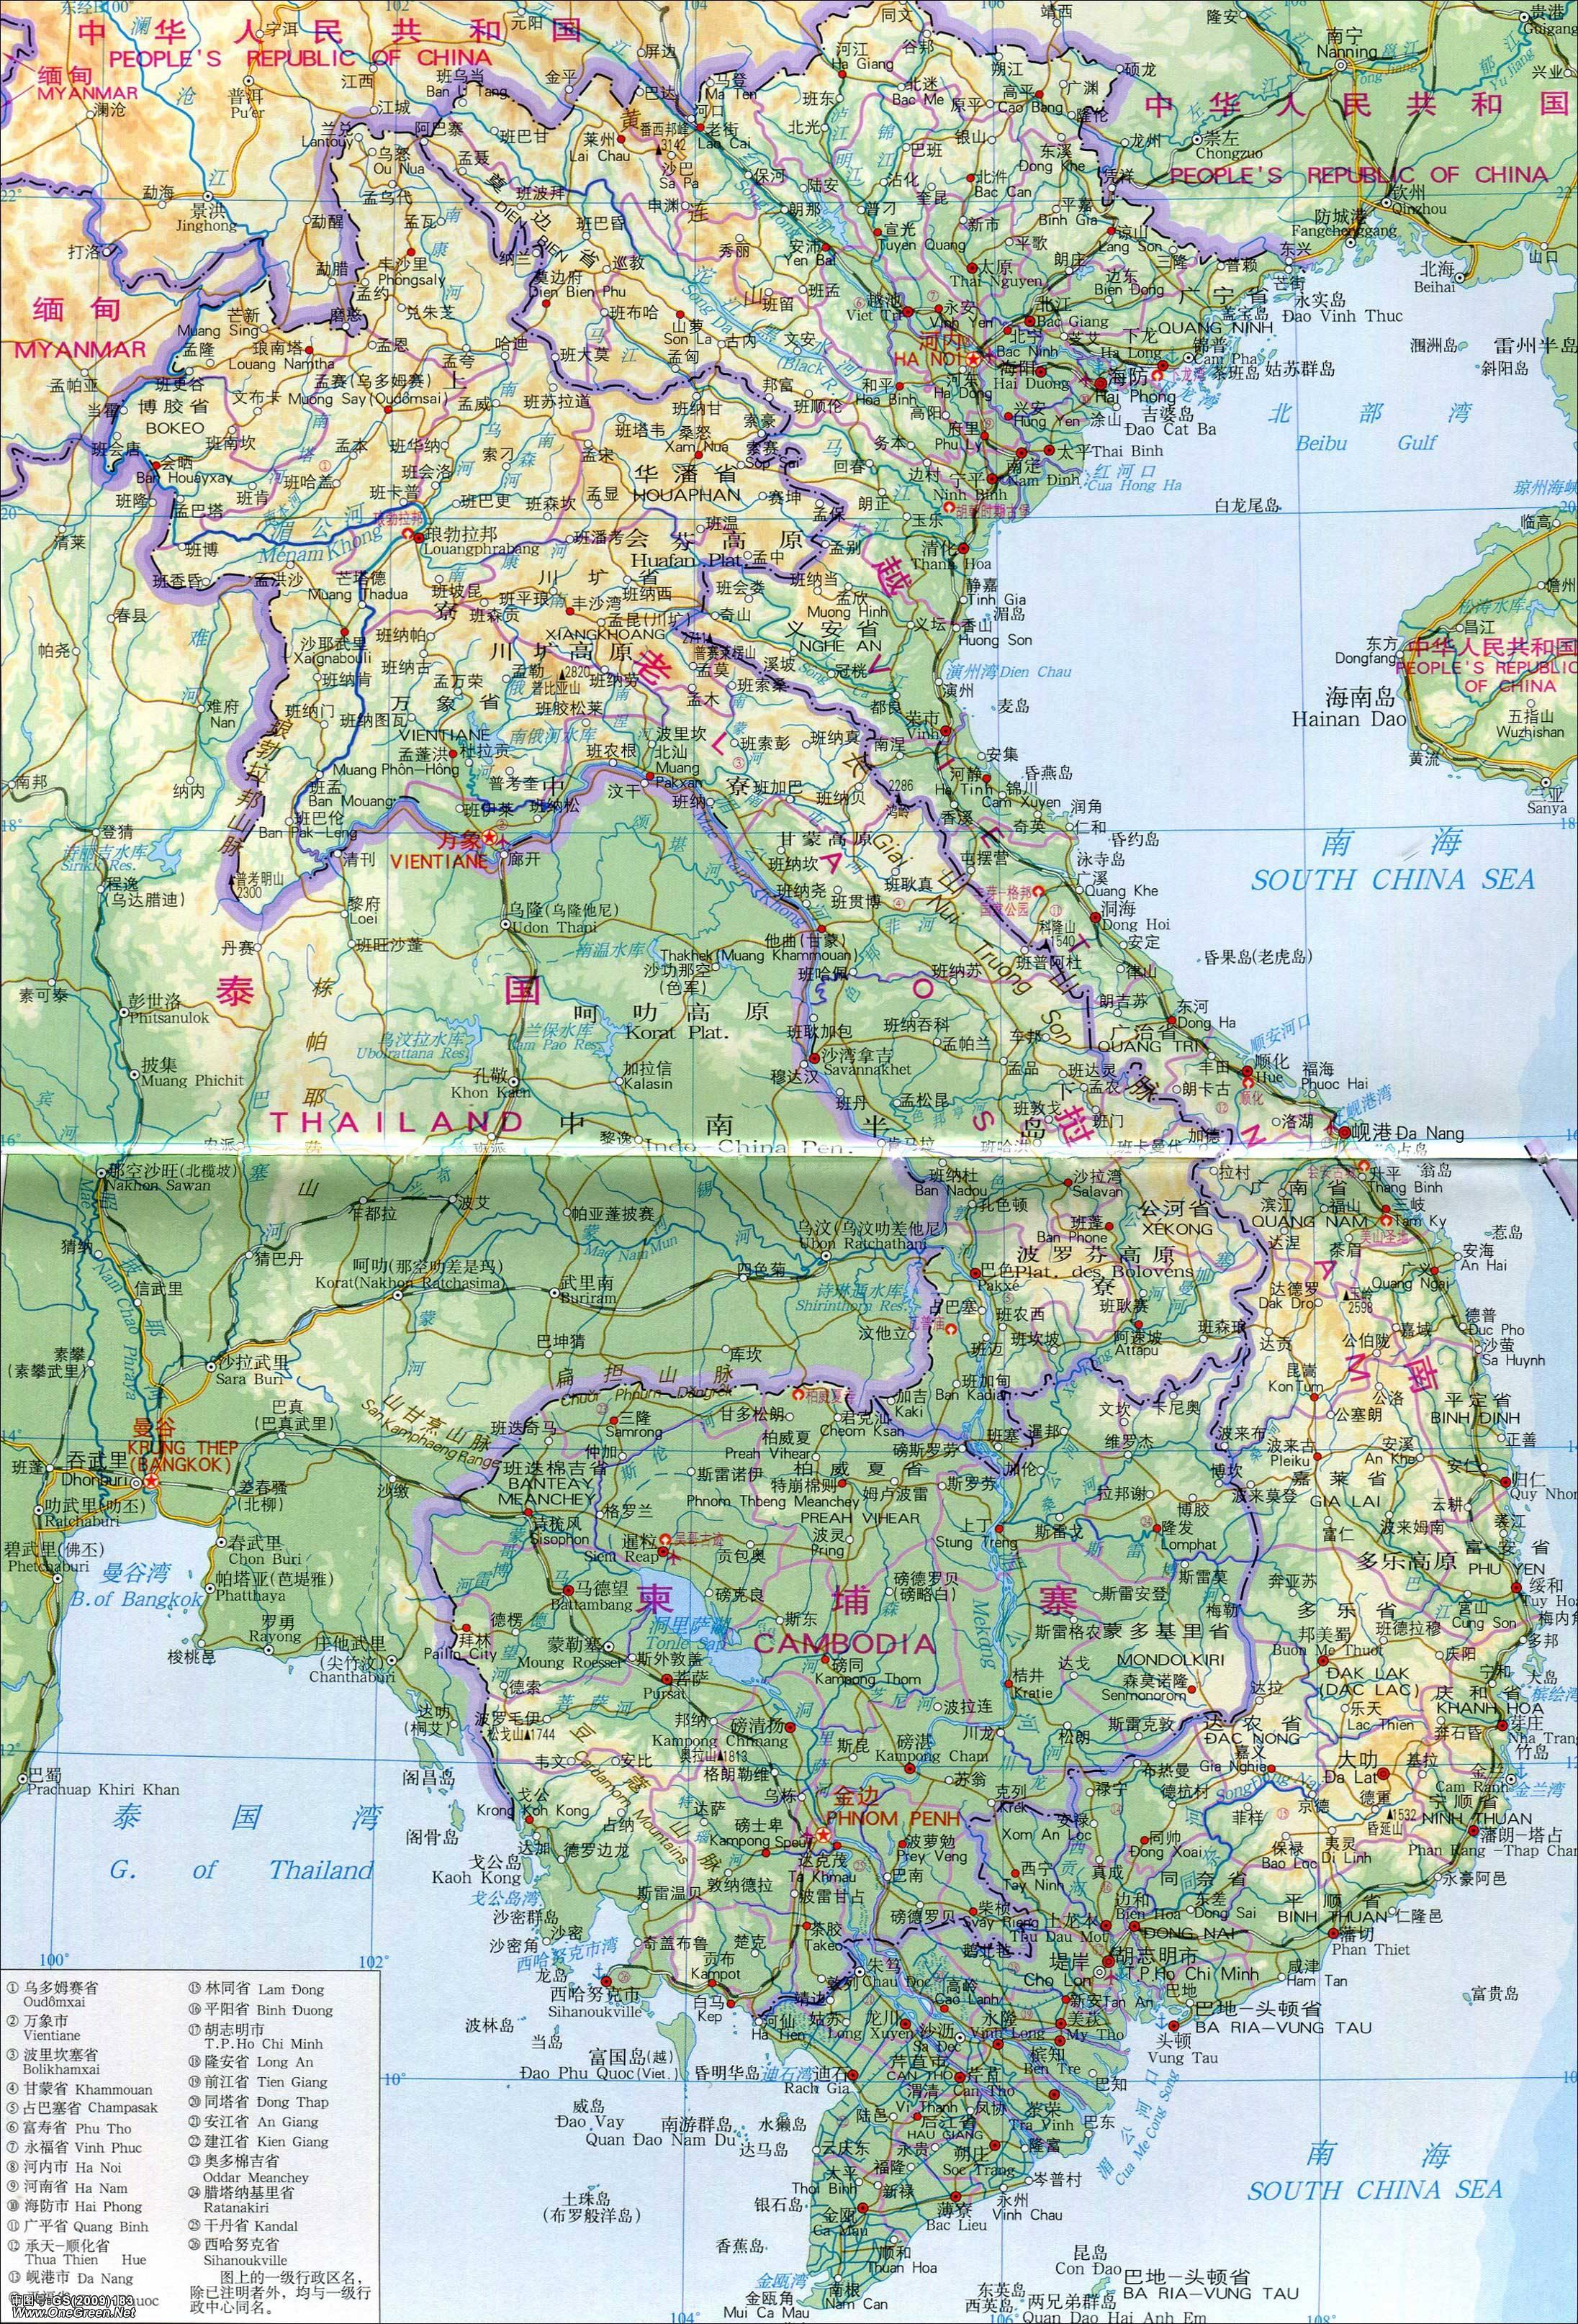 黎巴嫩地图_老挝地图地形版_老挝地图库_地图窝